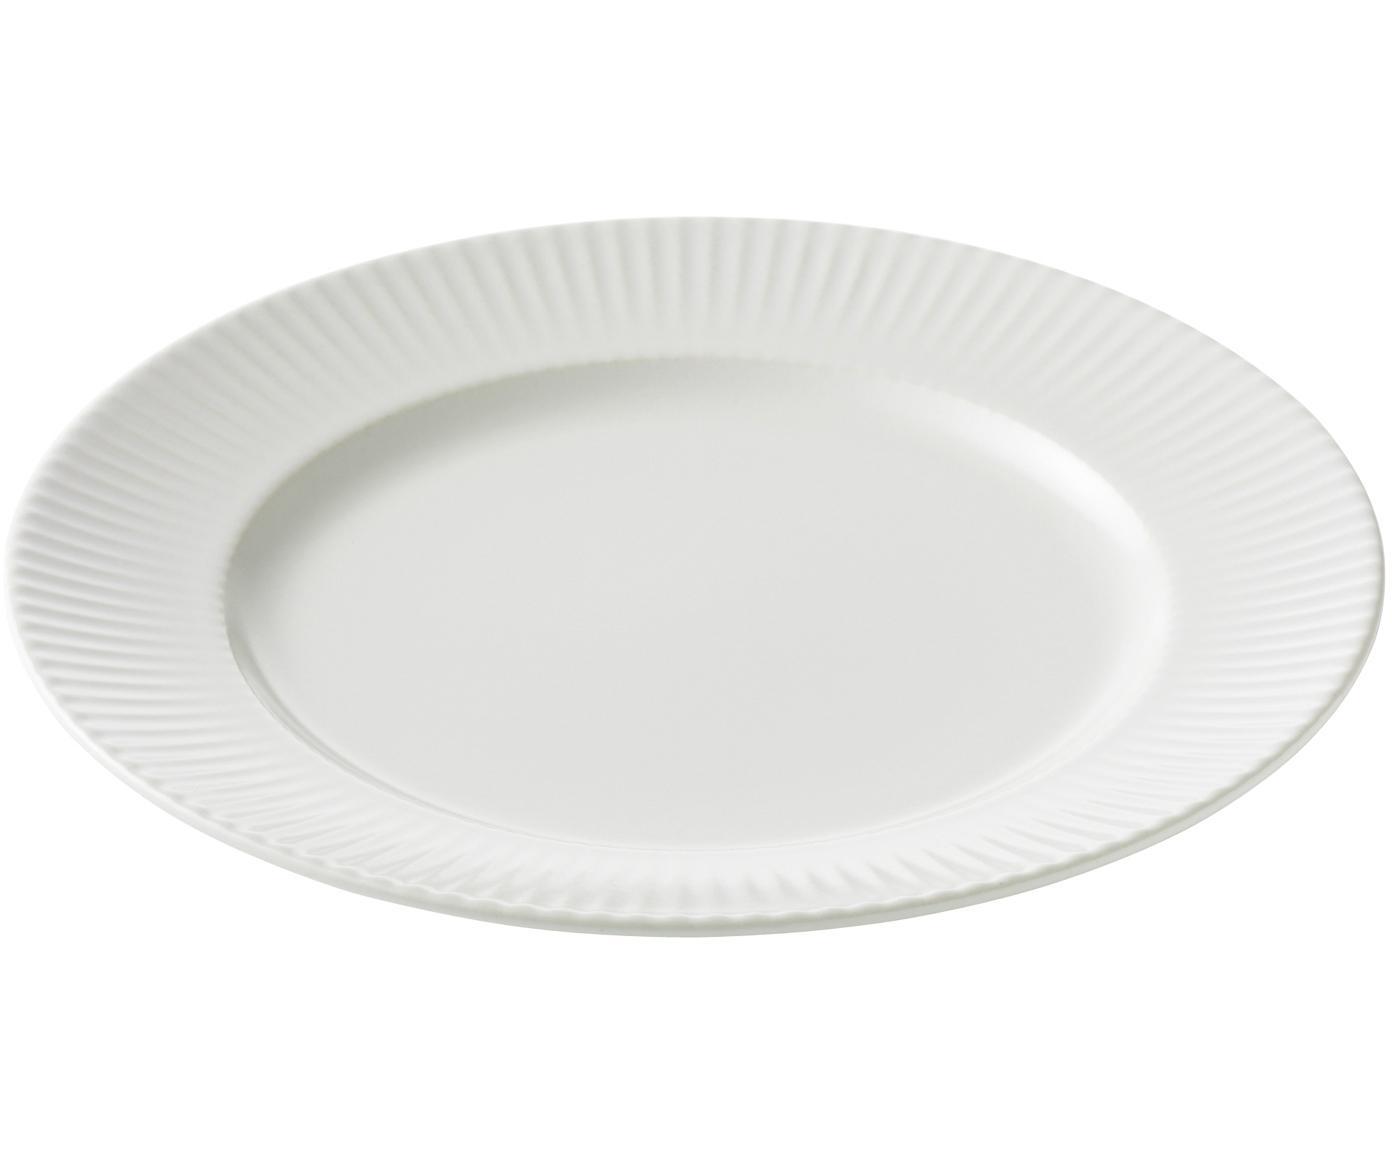 Piatto da colazione Groove 4 pz, Terracotta, Bianco, Ø 21 x Alt. 1 cm